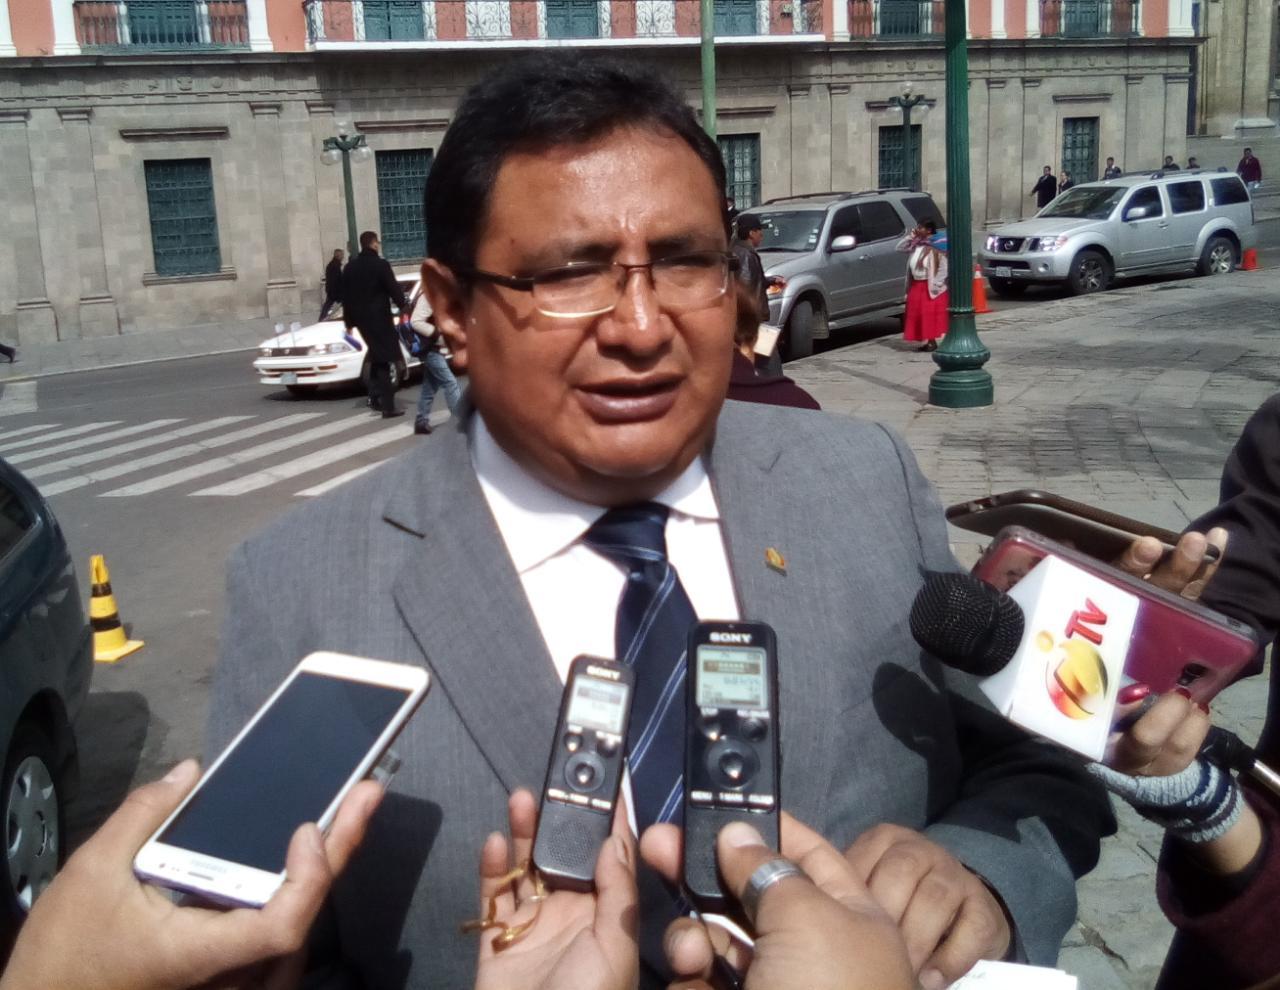 Diputado de UD da plazo de 48 horas a la ministra de educación para iniciar proceso contra el ex Director de Redes Sociales